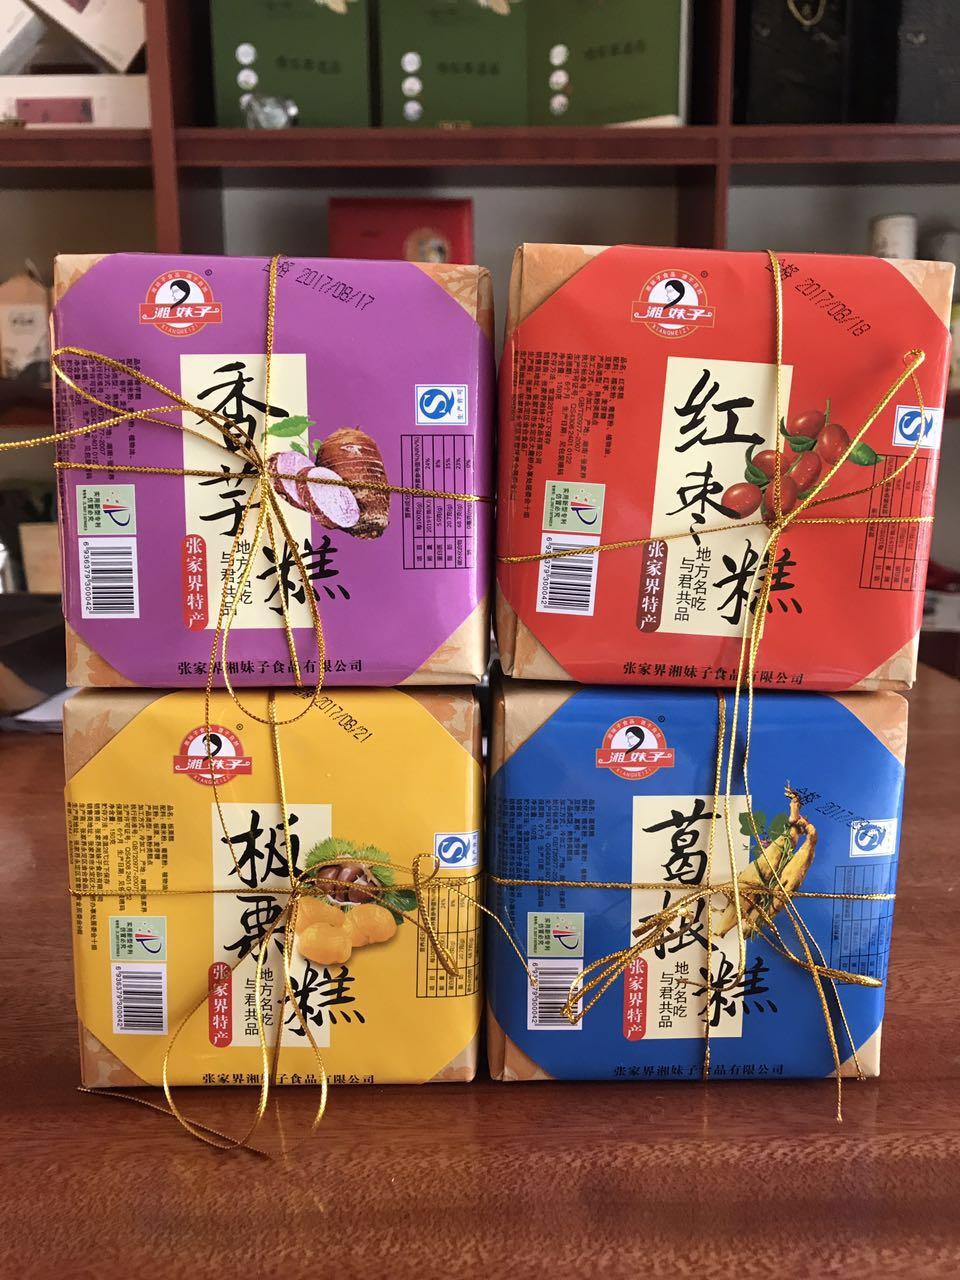 湖南湘西张家界土特产湘妹子糕点传统零食小吃四种口味150g